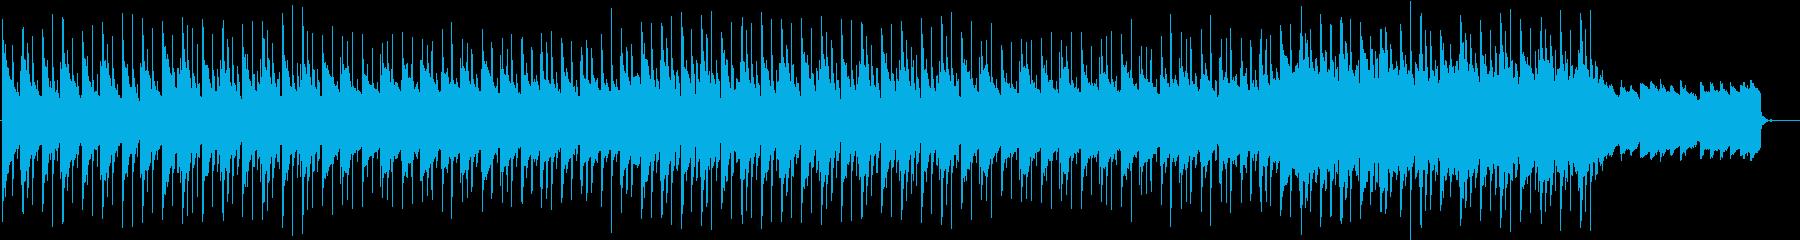 夜に溶けるチルアウトBGMの再生済みの波形